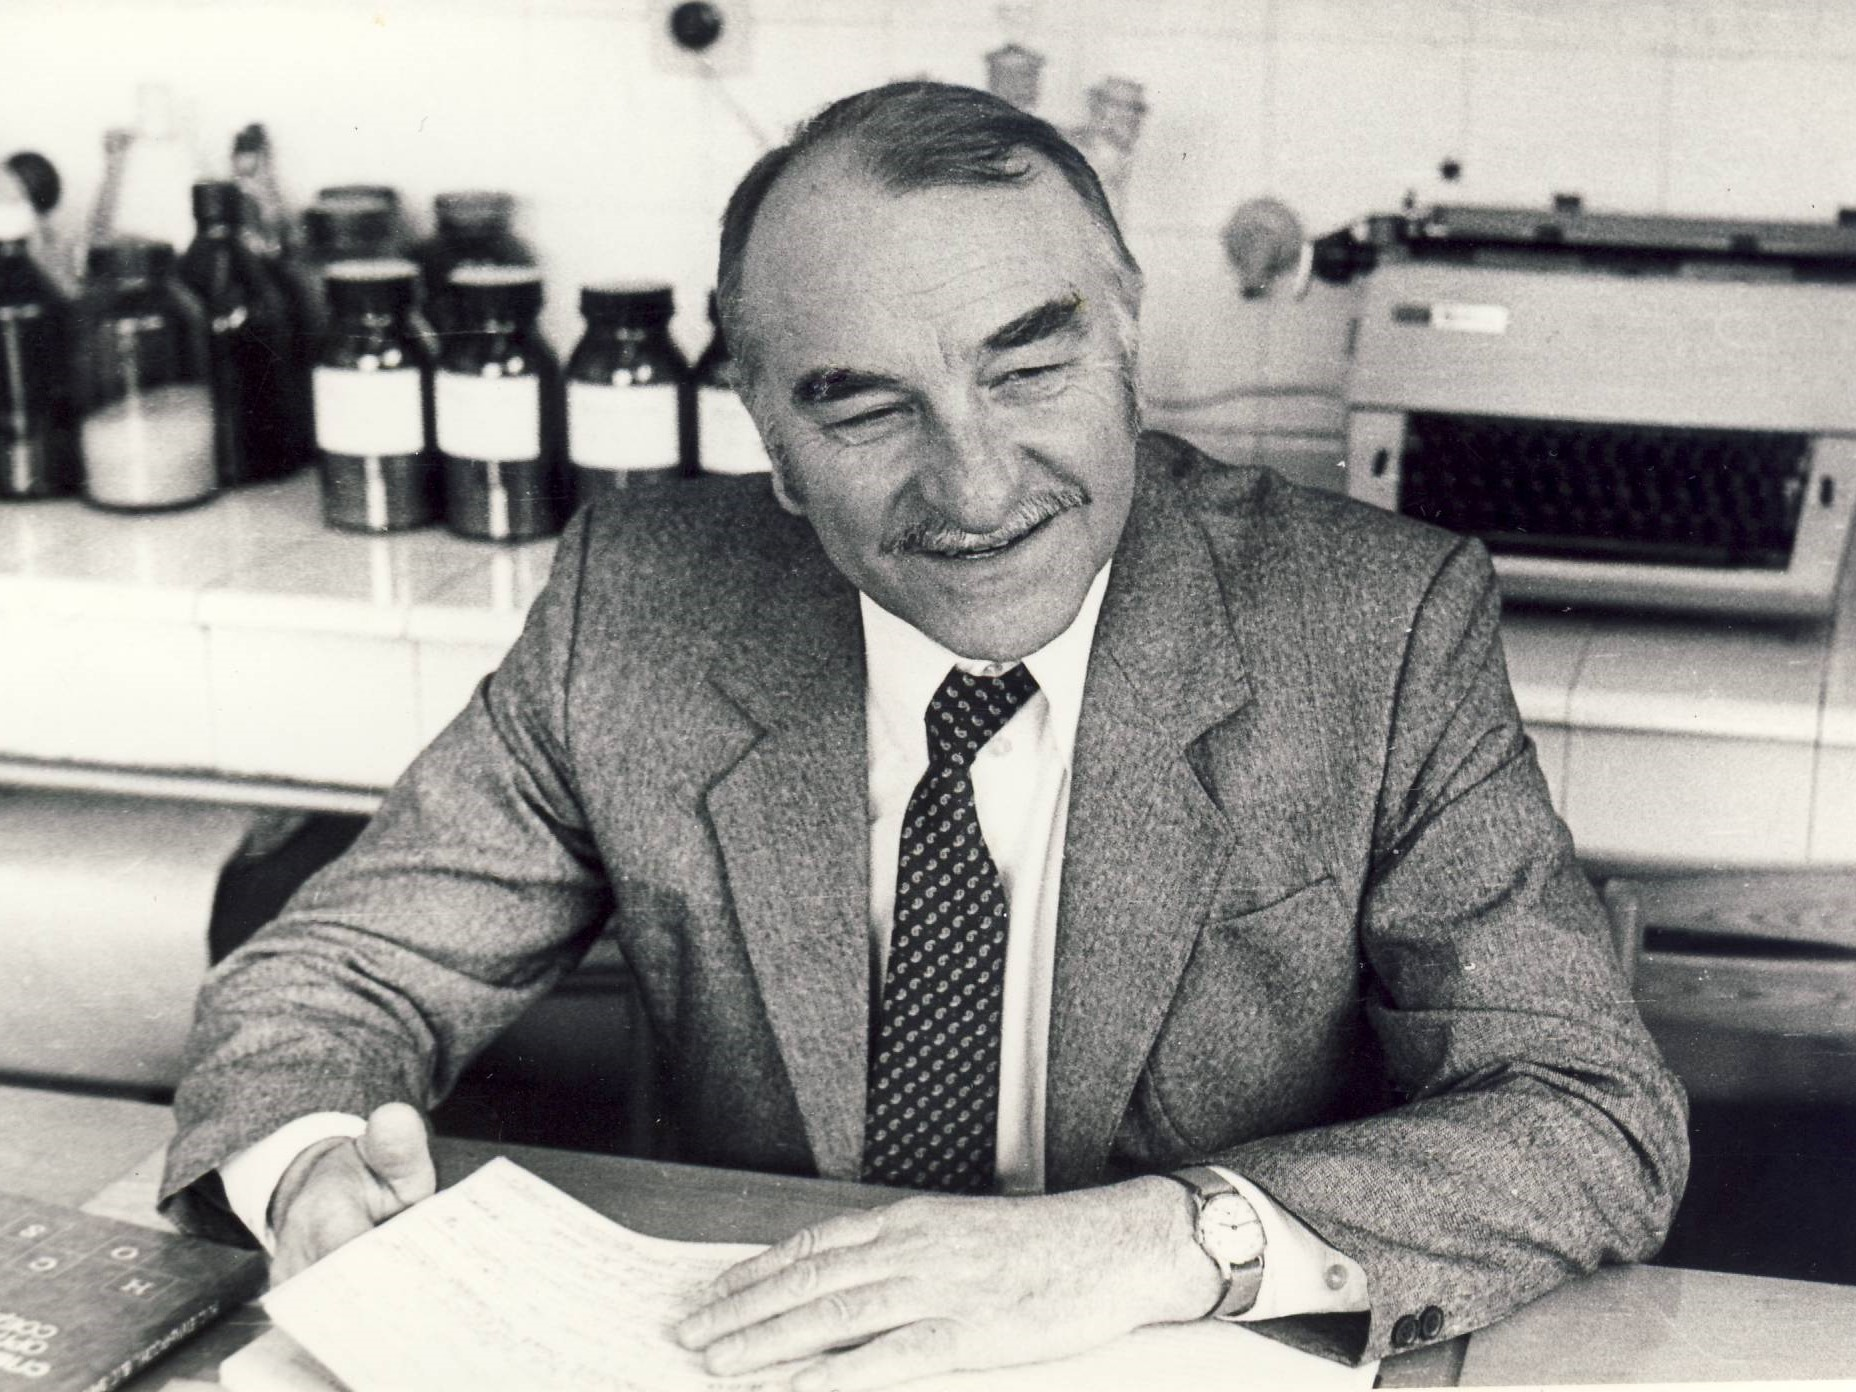 Organinės chemijos katedros vedėjas prof. R. Baltrušis laboratorijoje, 1986 m.